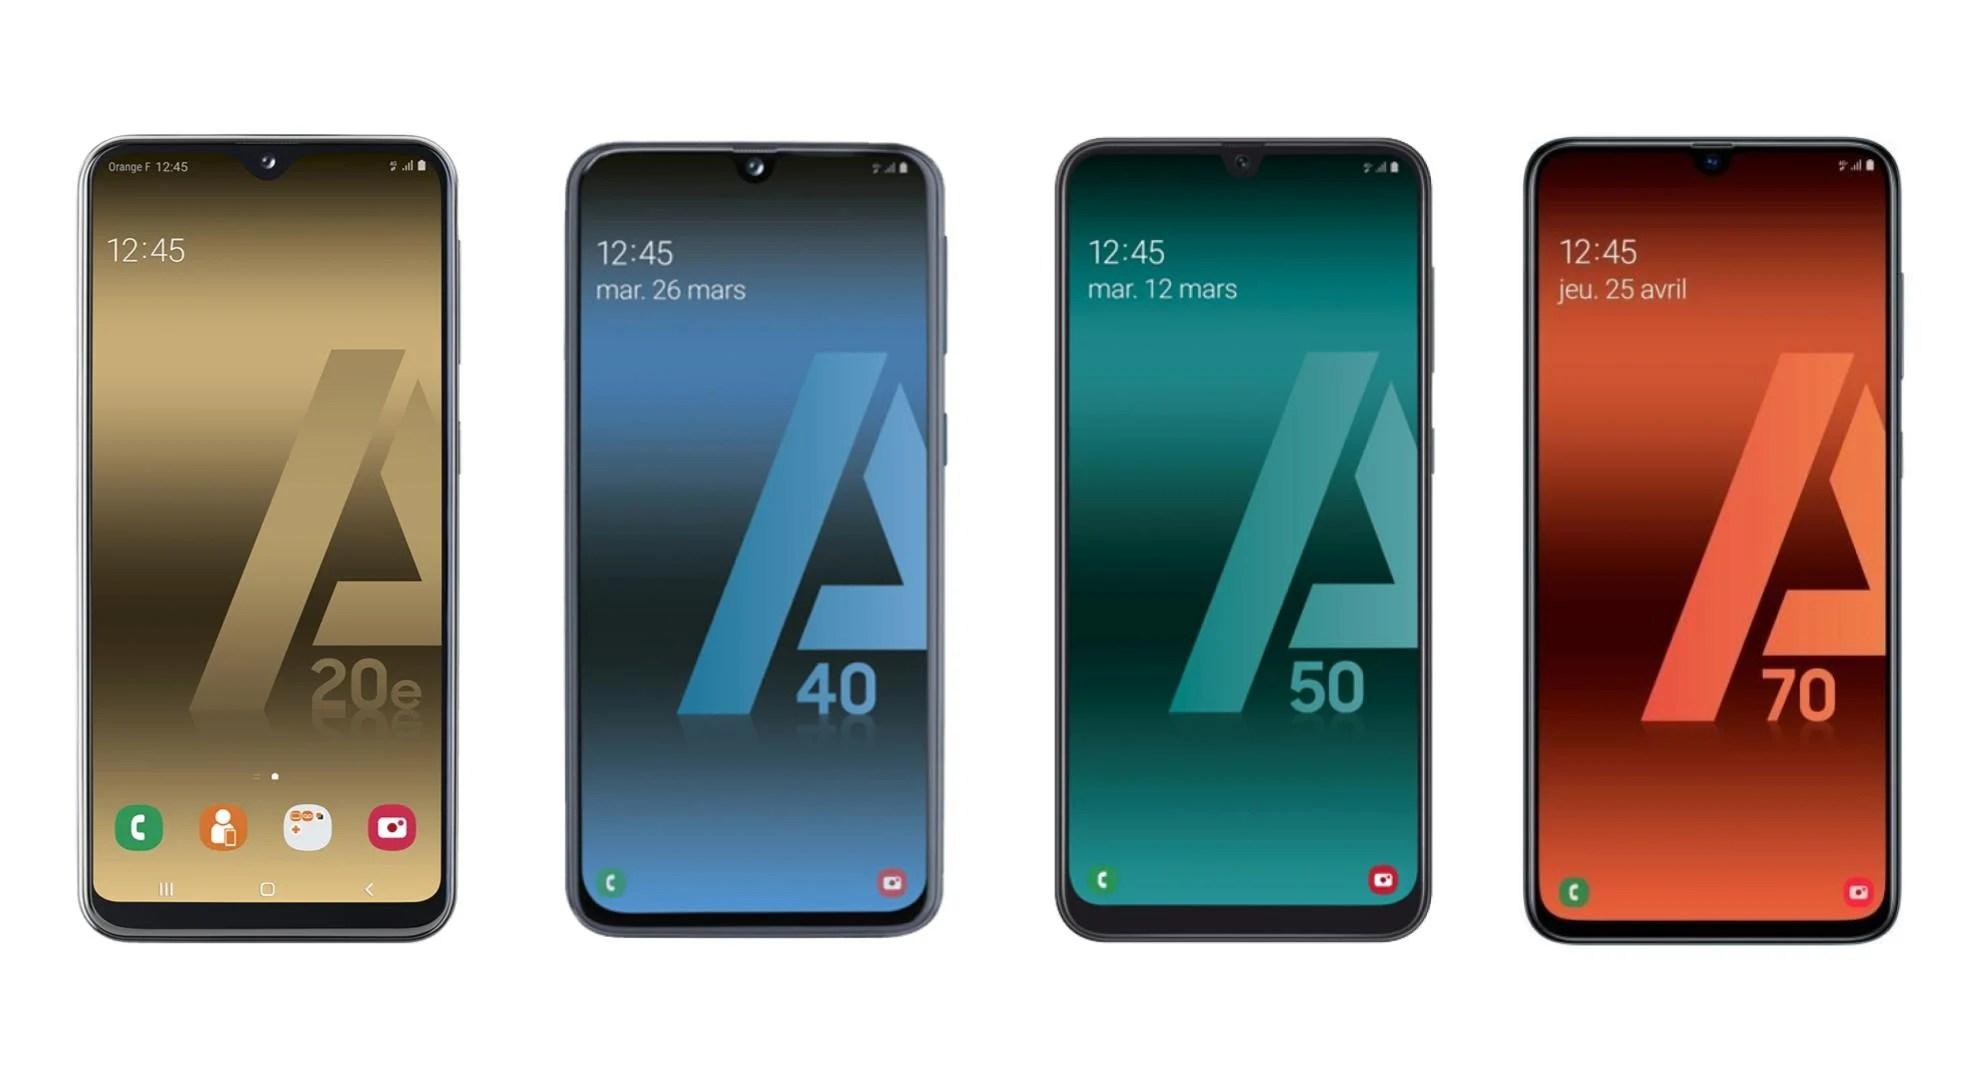 🔥 Soldes 2019 : toute la gamme Galaxy A 2019 de Samsung en promotion